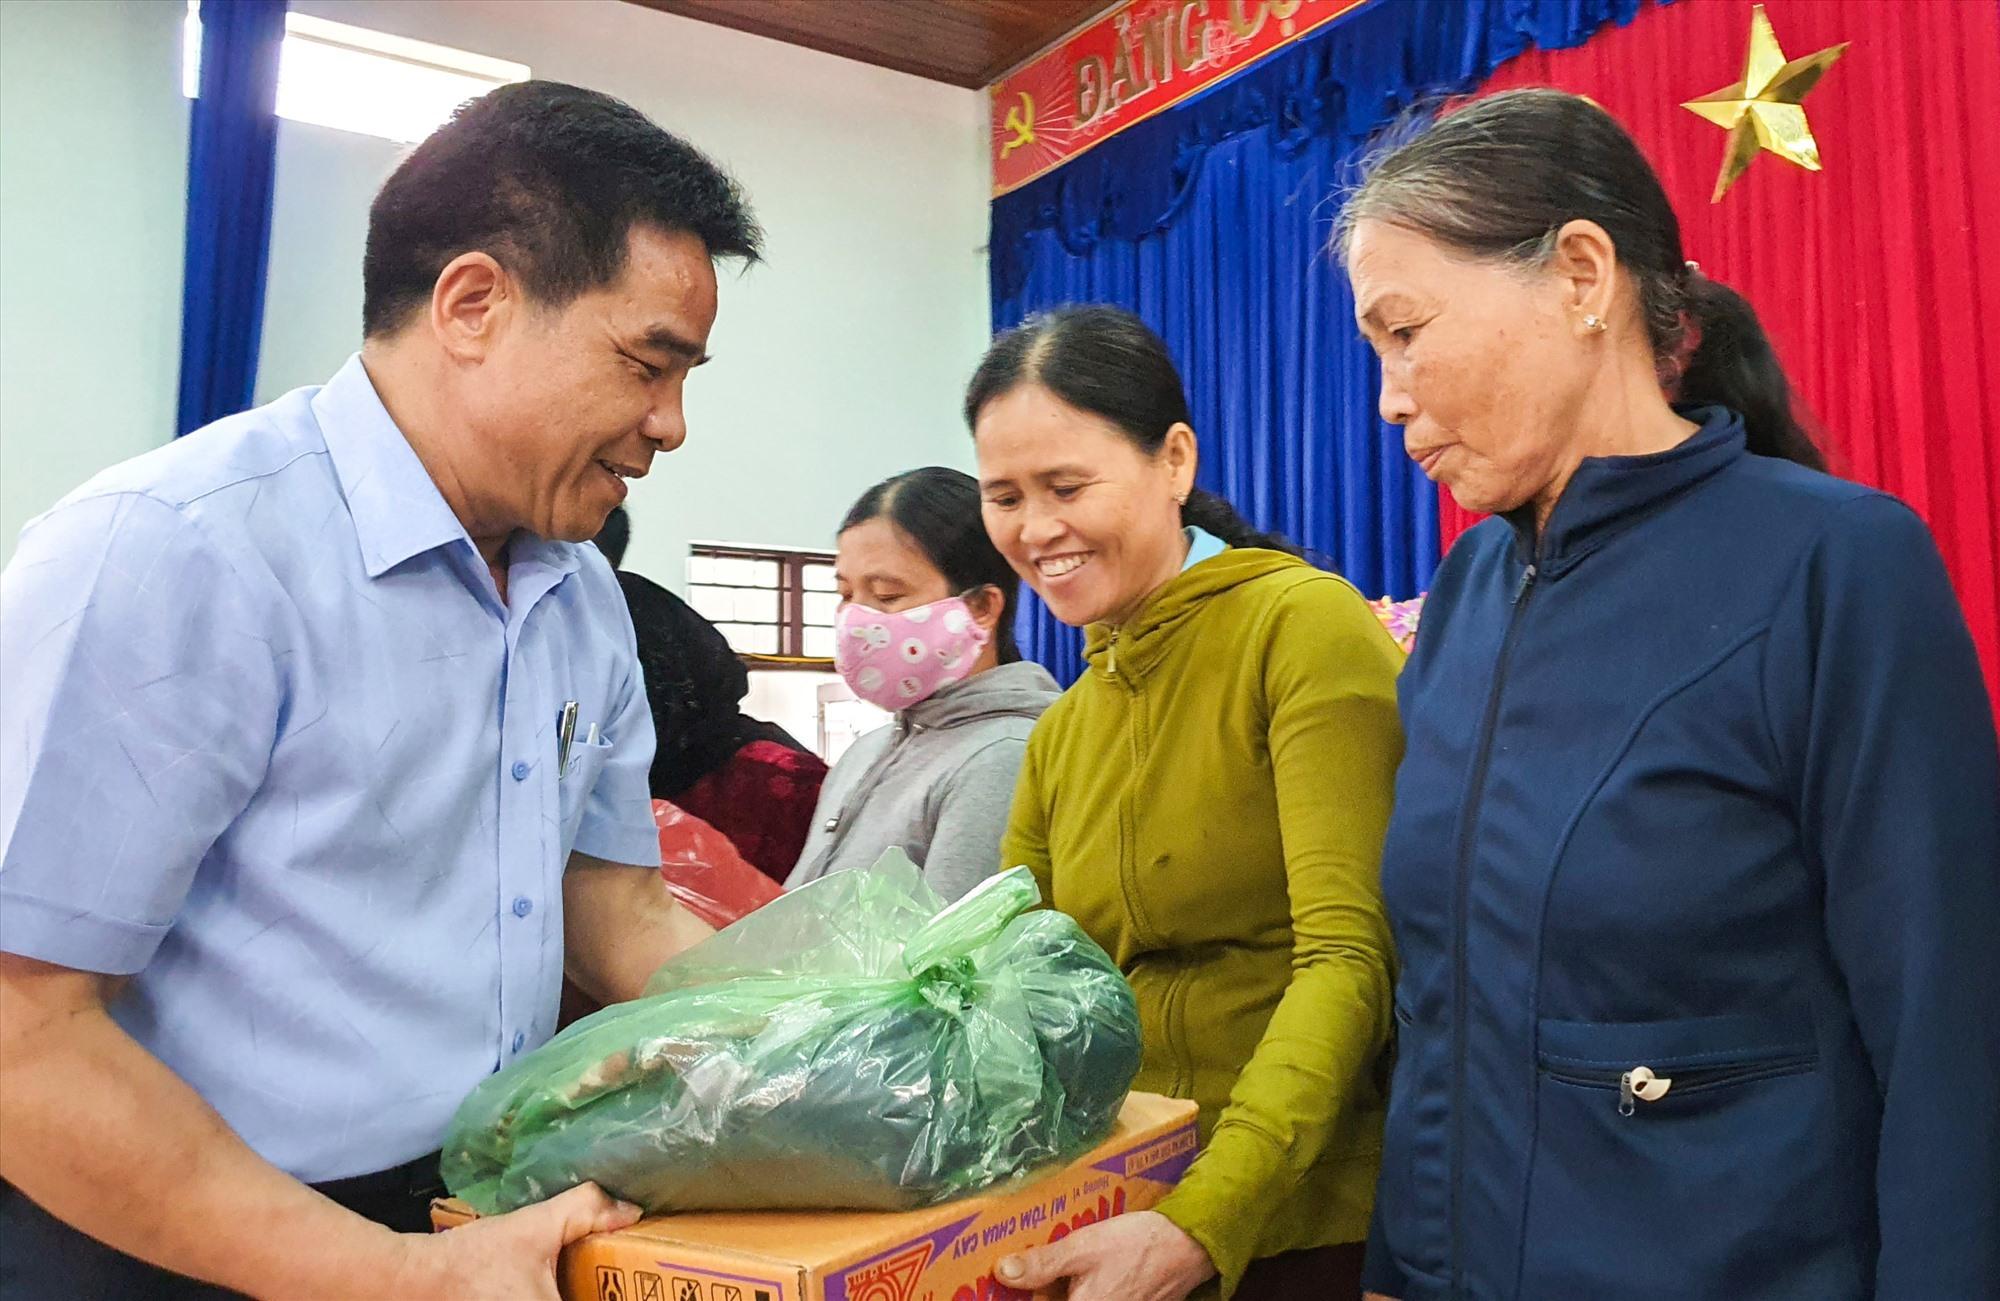 Phó Bí thư thường trực Tỉnh ủy Lê Văn Dũng tặng quà cho bà con bị thiệt hại do lũ lụt. Ảnh: T.C